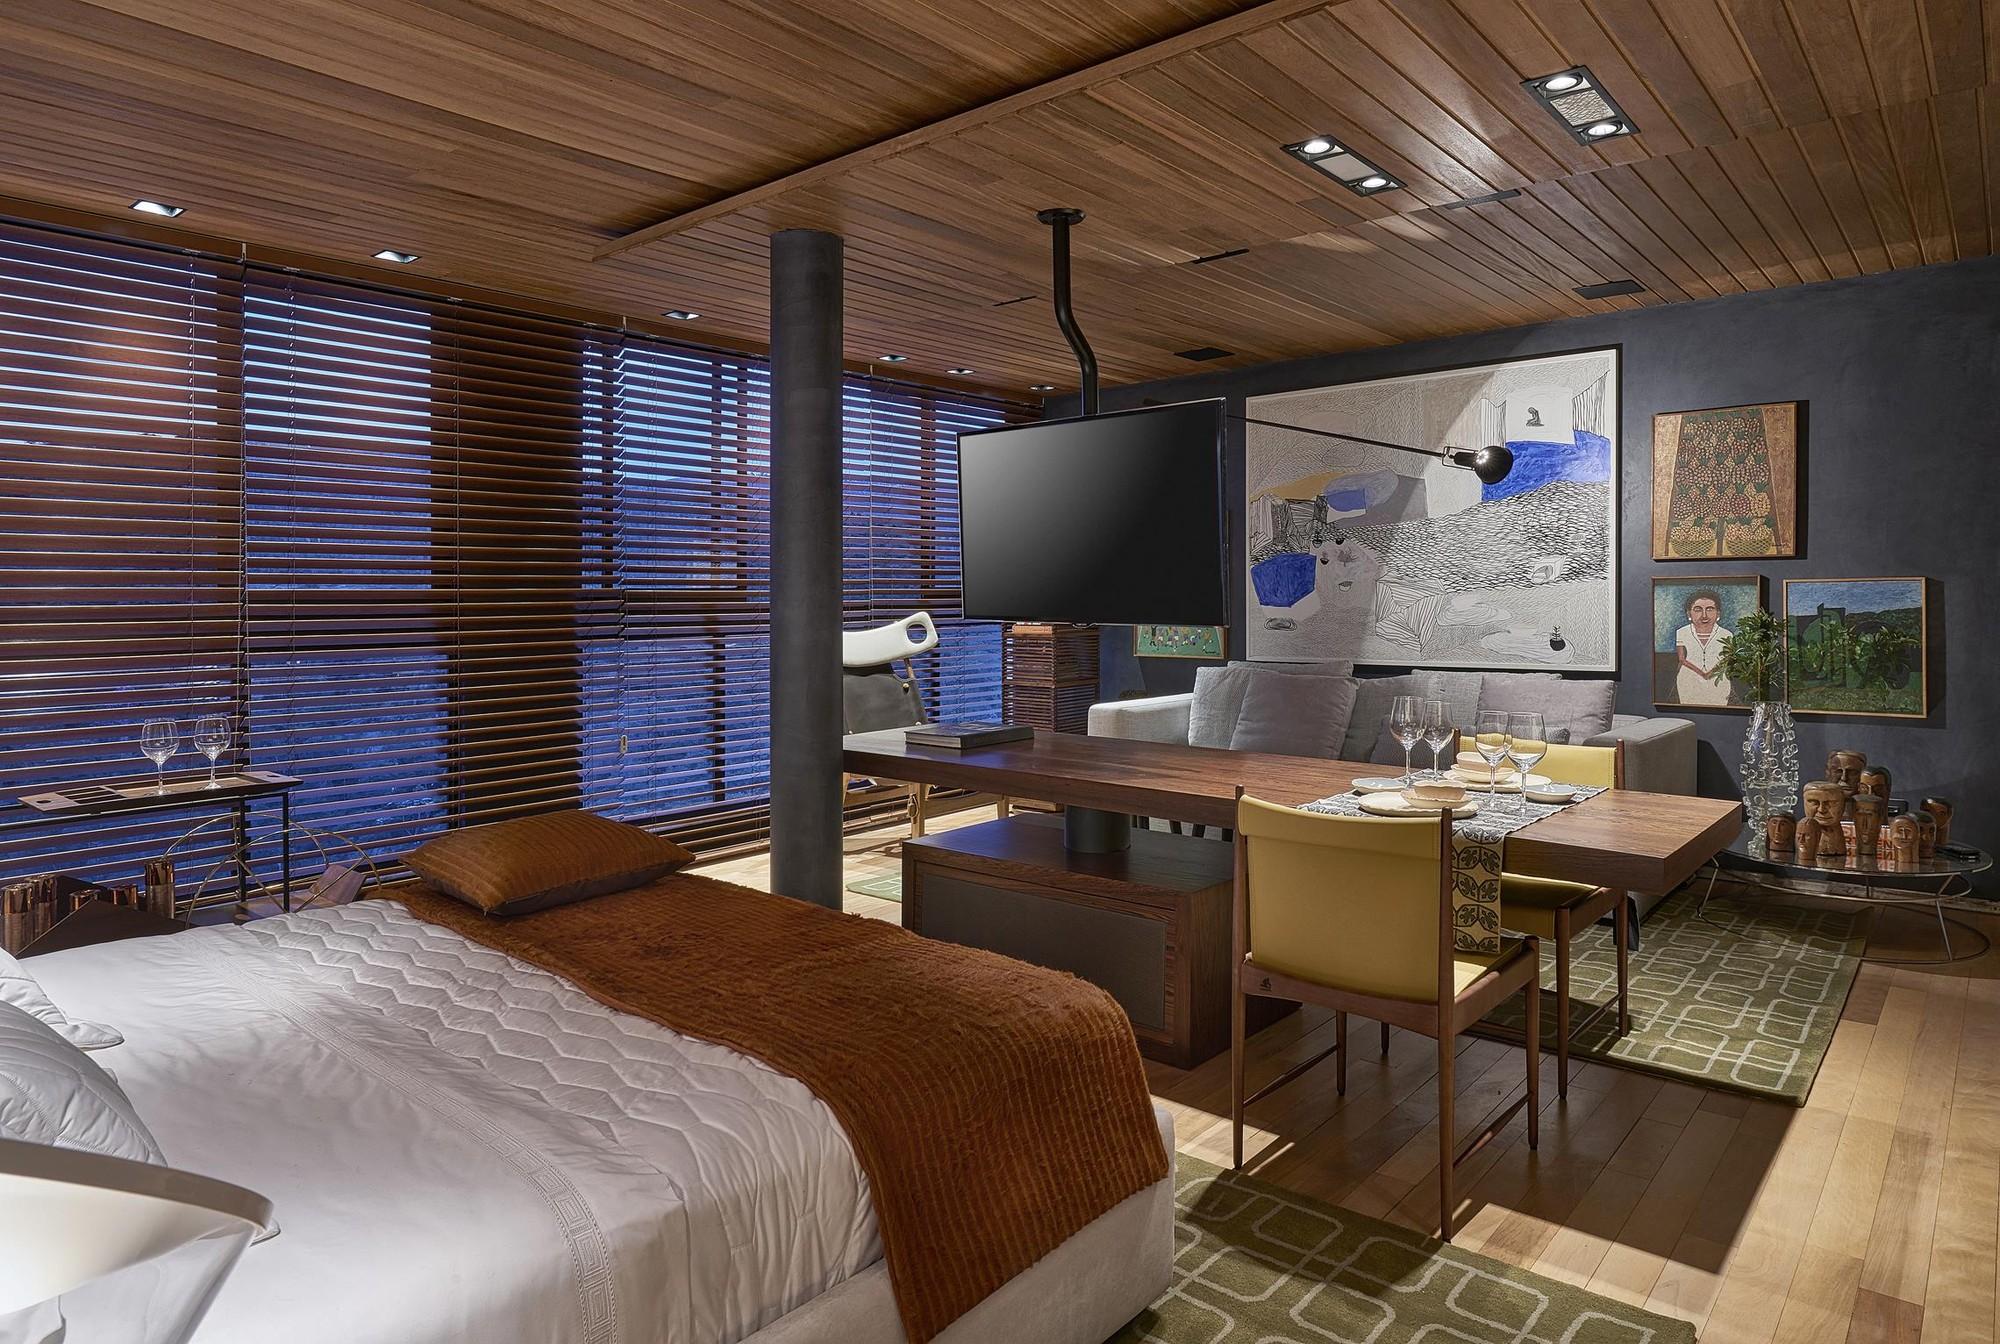 Galeria de apartamento bossa nova david guerra 18 for Wohnung interior